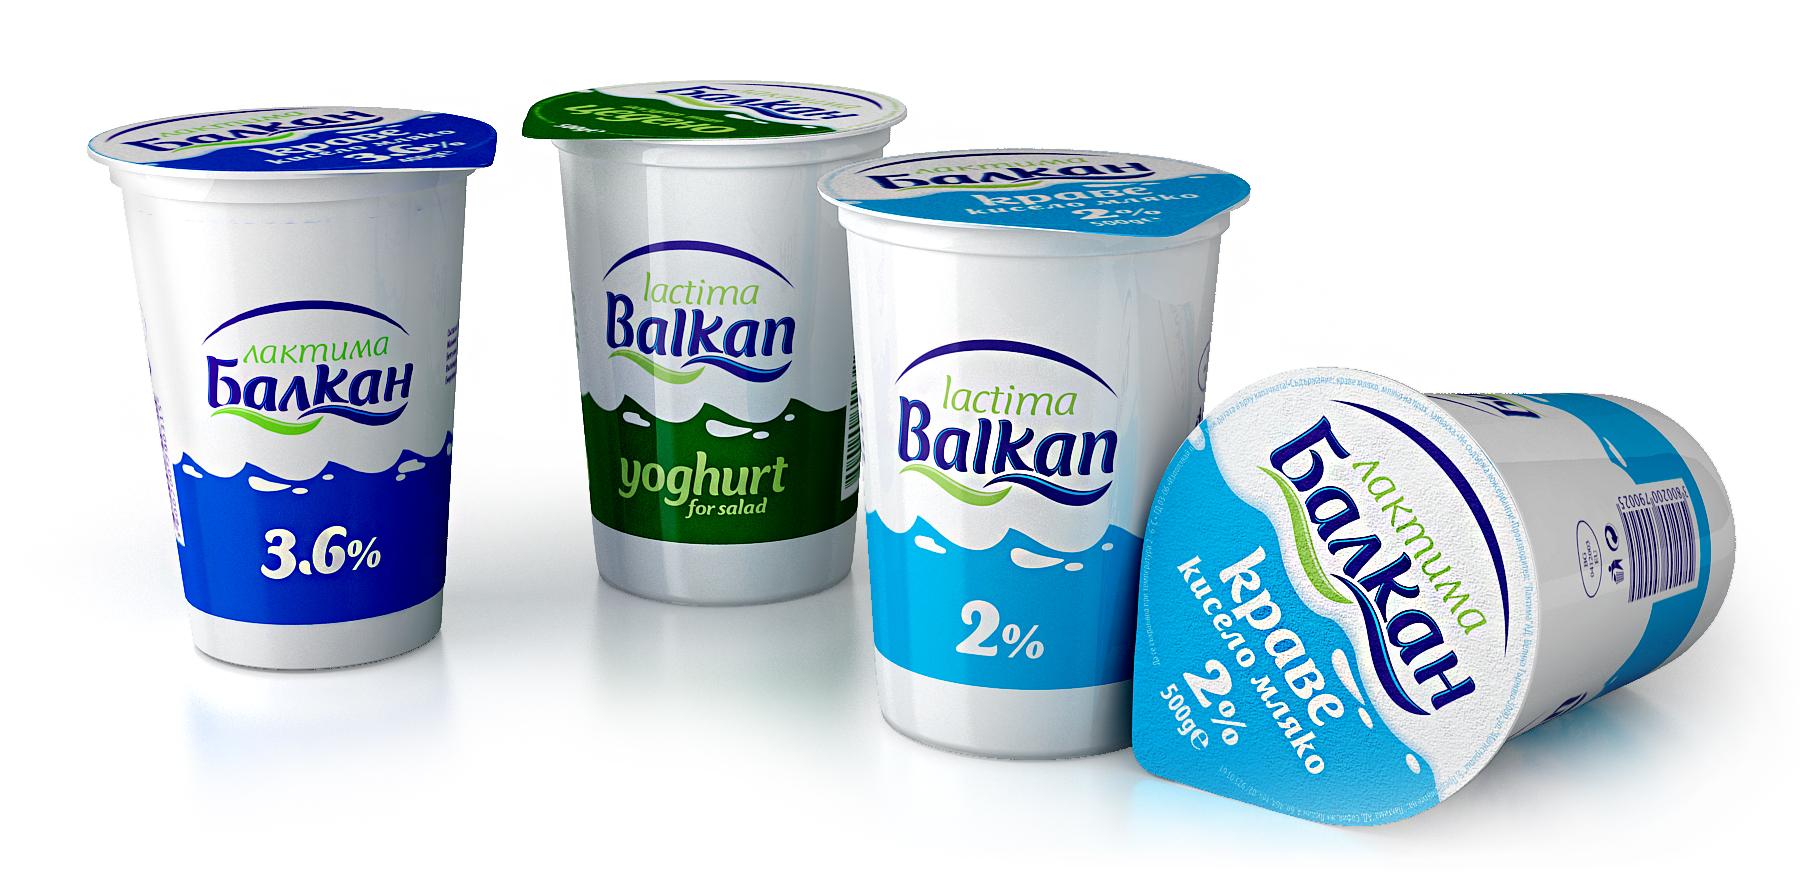 Лактима Балкан 3,6%,  Йогурт,  Краве кисело мляко 2%